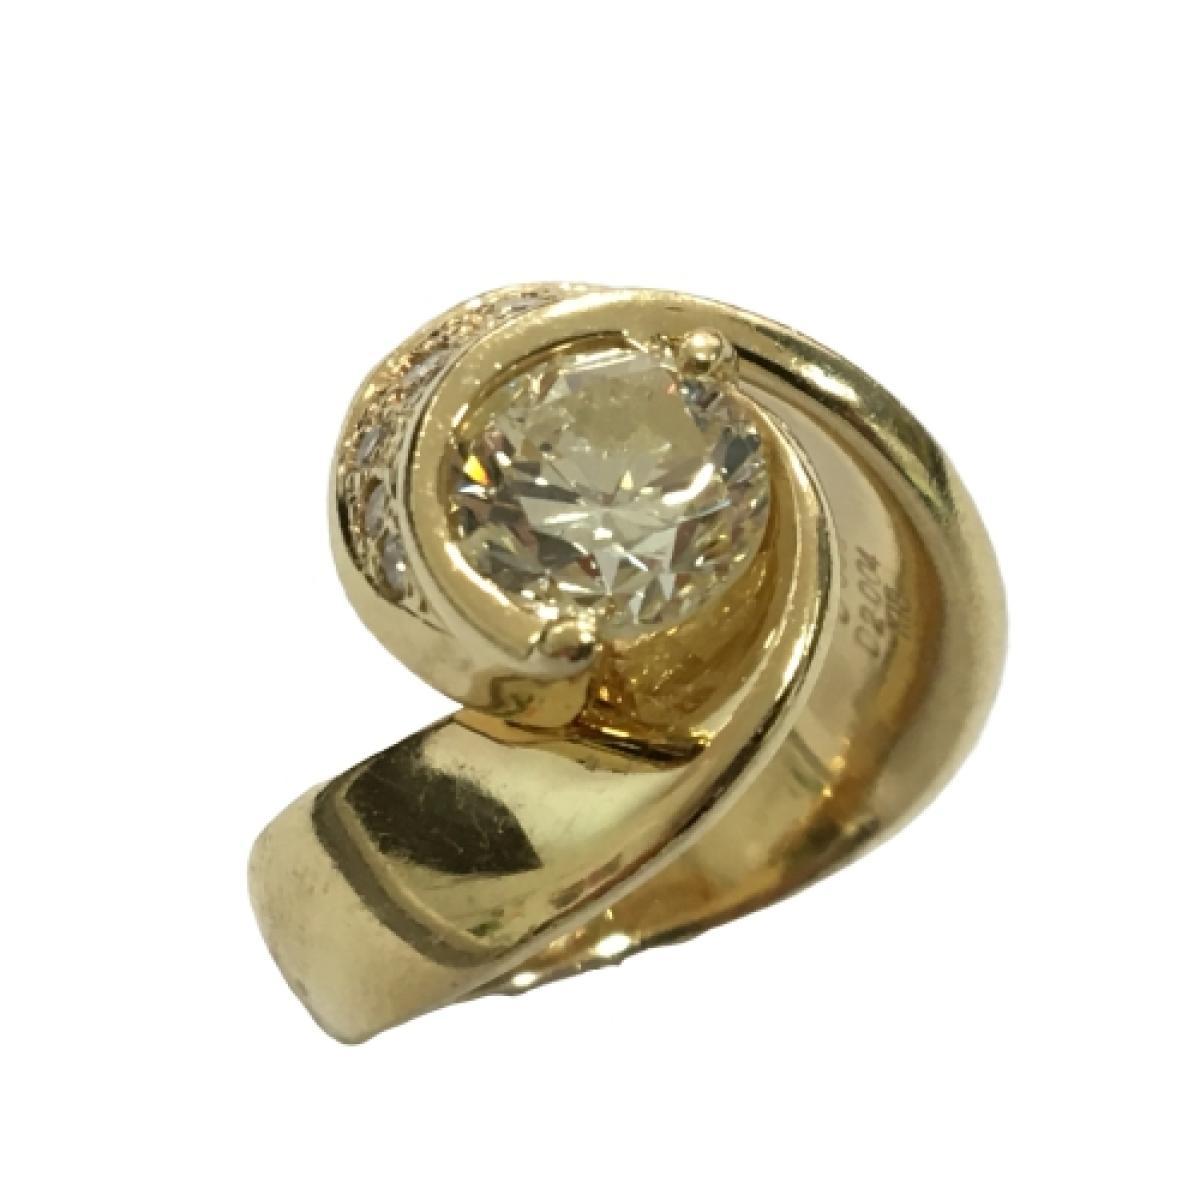 JEWELRY(ジュエリー)/ジュエリー ダイヤモンド 指輪 リング/リング/白系/K18YG(750)イエローゴールド×ダイヤモンド(2.00ct)×ダイヤモンド(0.30ct)/【ランクA】/12号【中古】